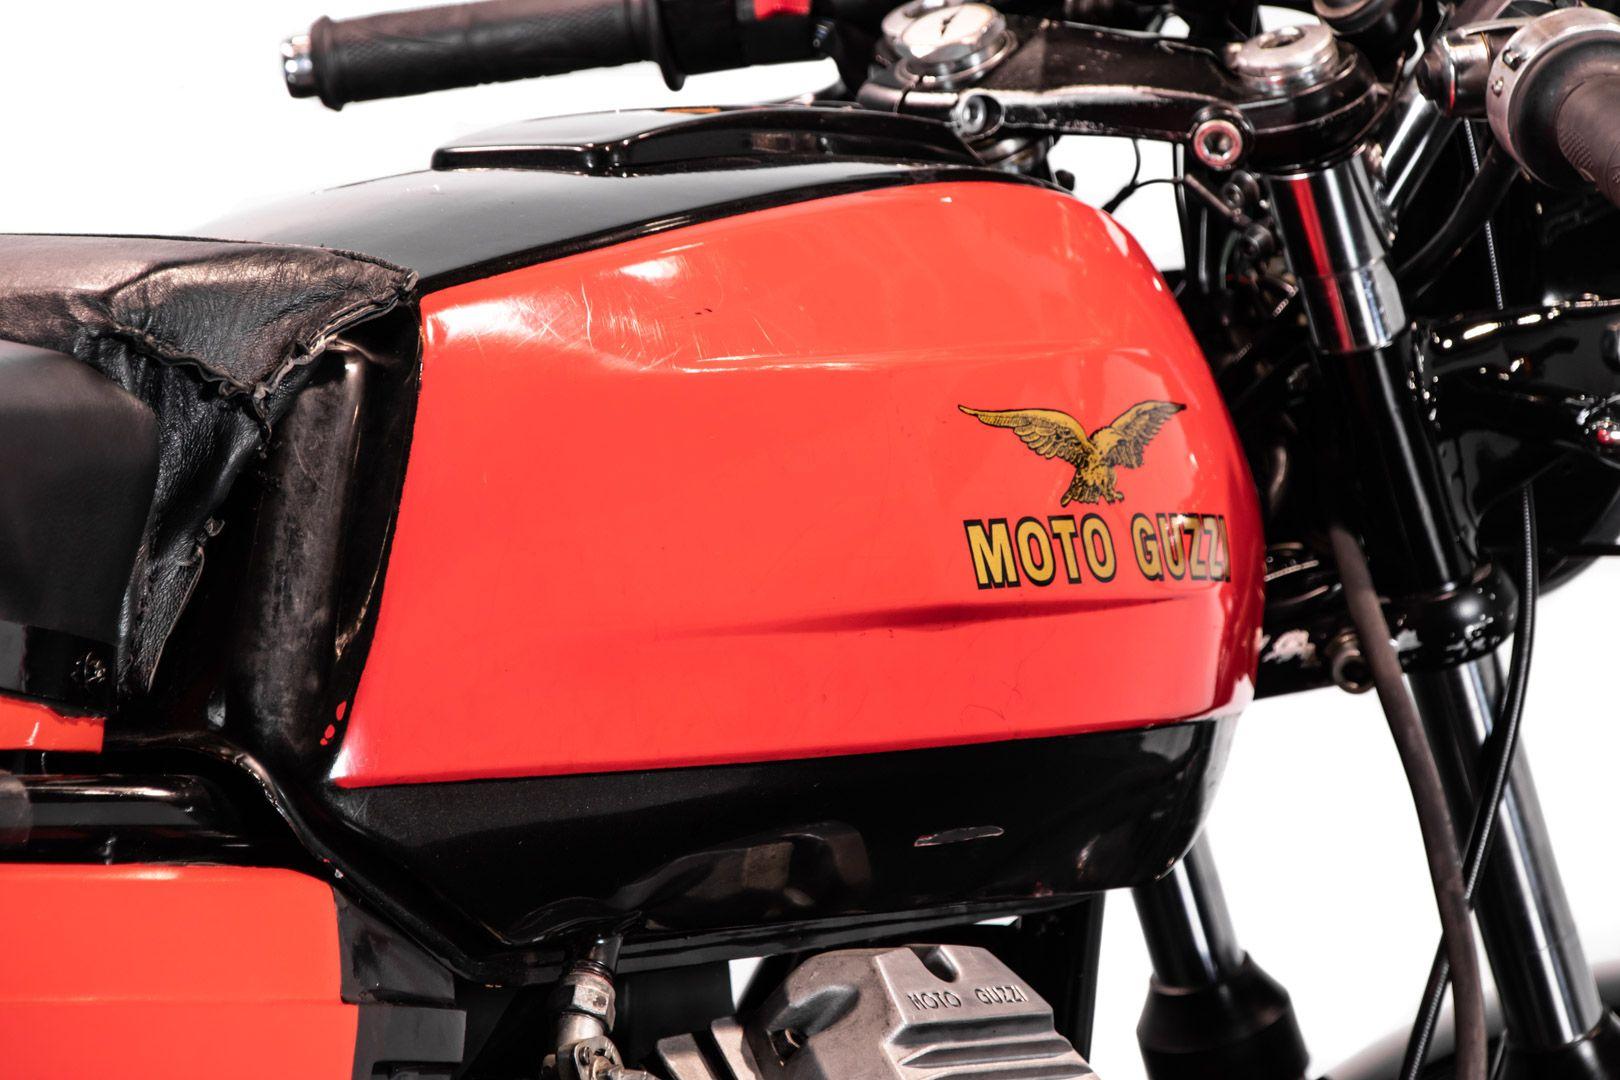 1982 Moto Guzzi V 35 Imola 83523